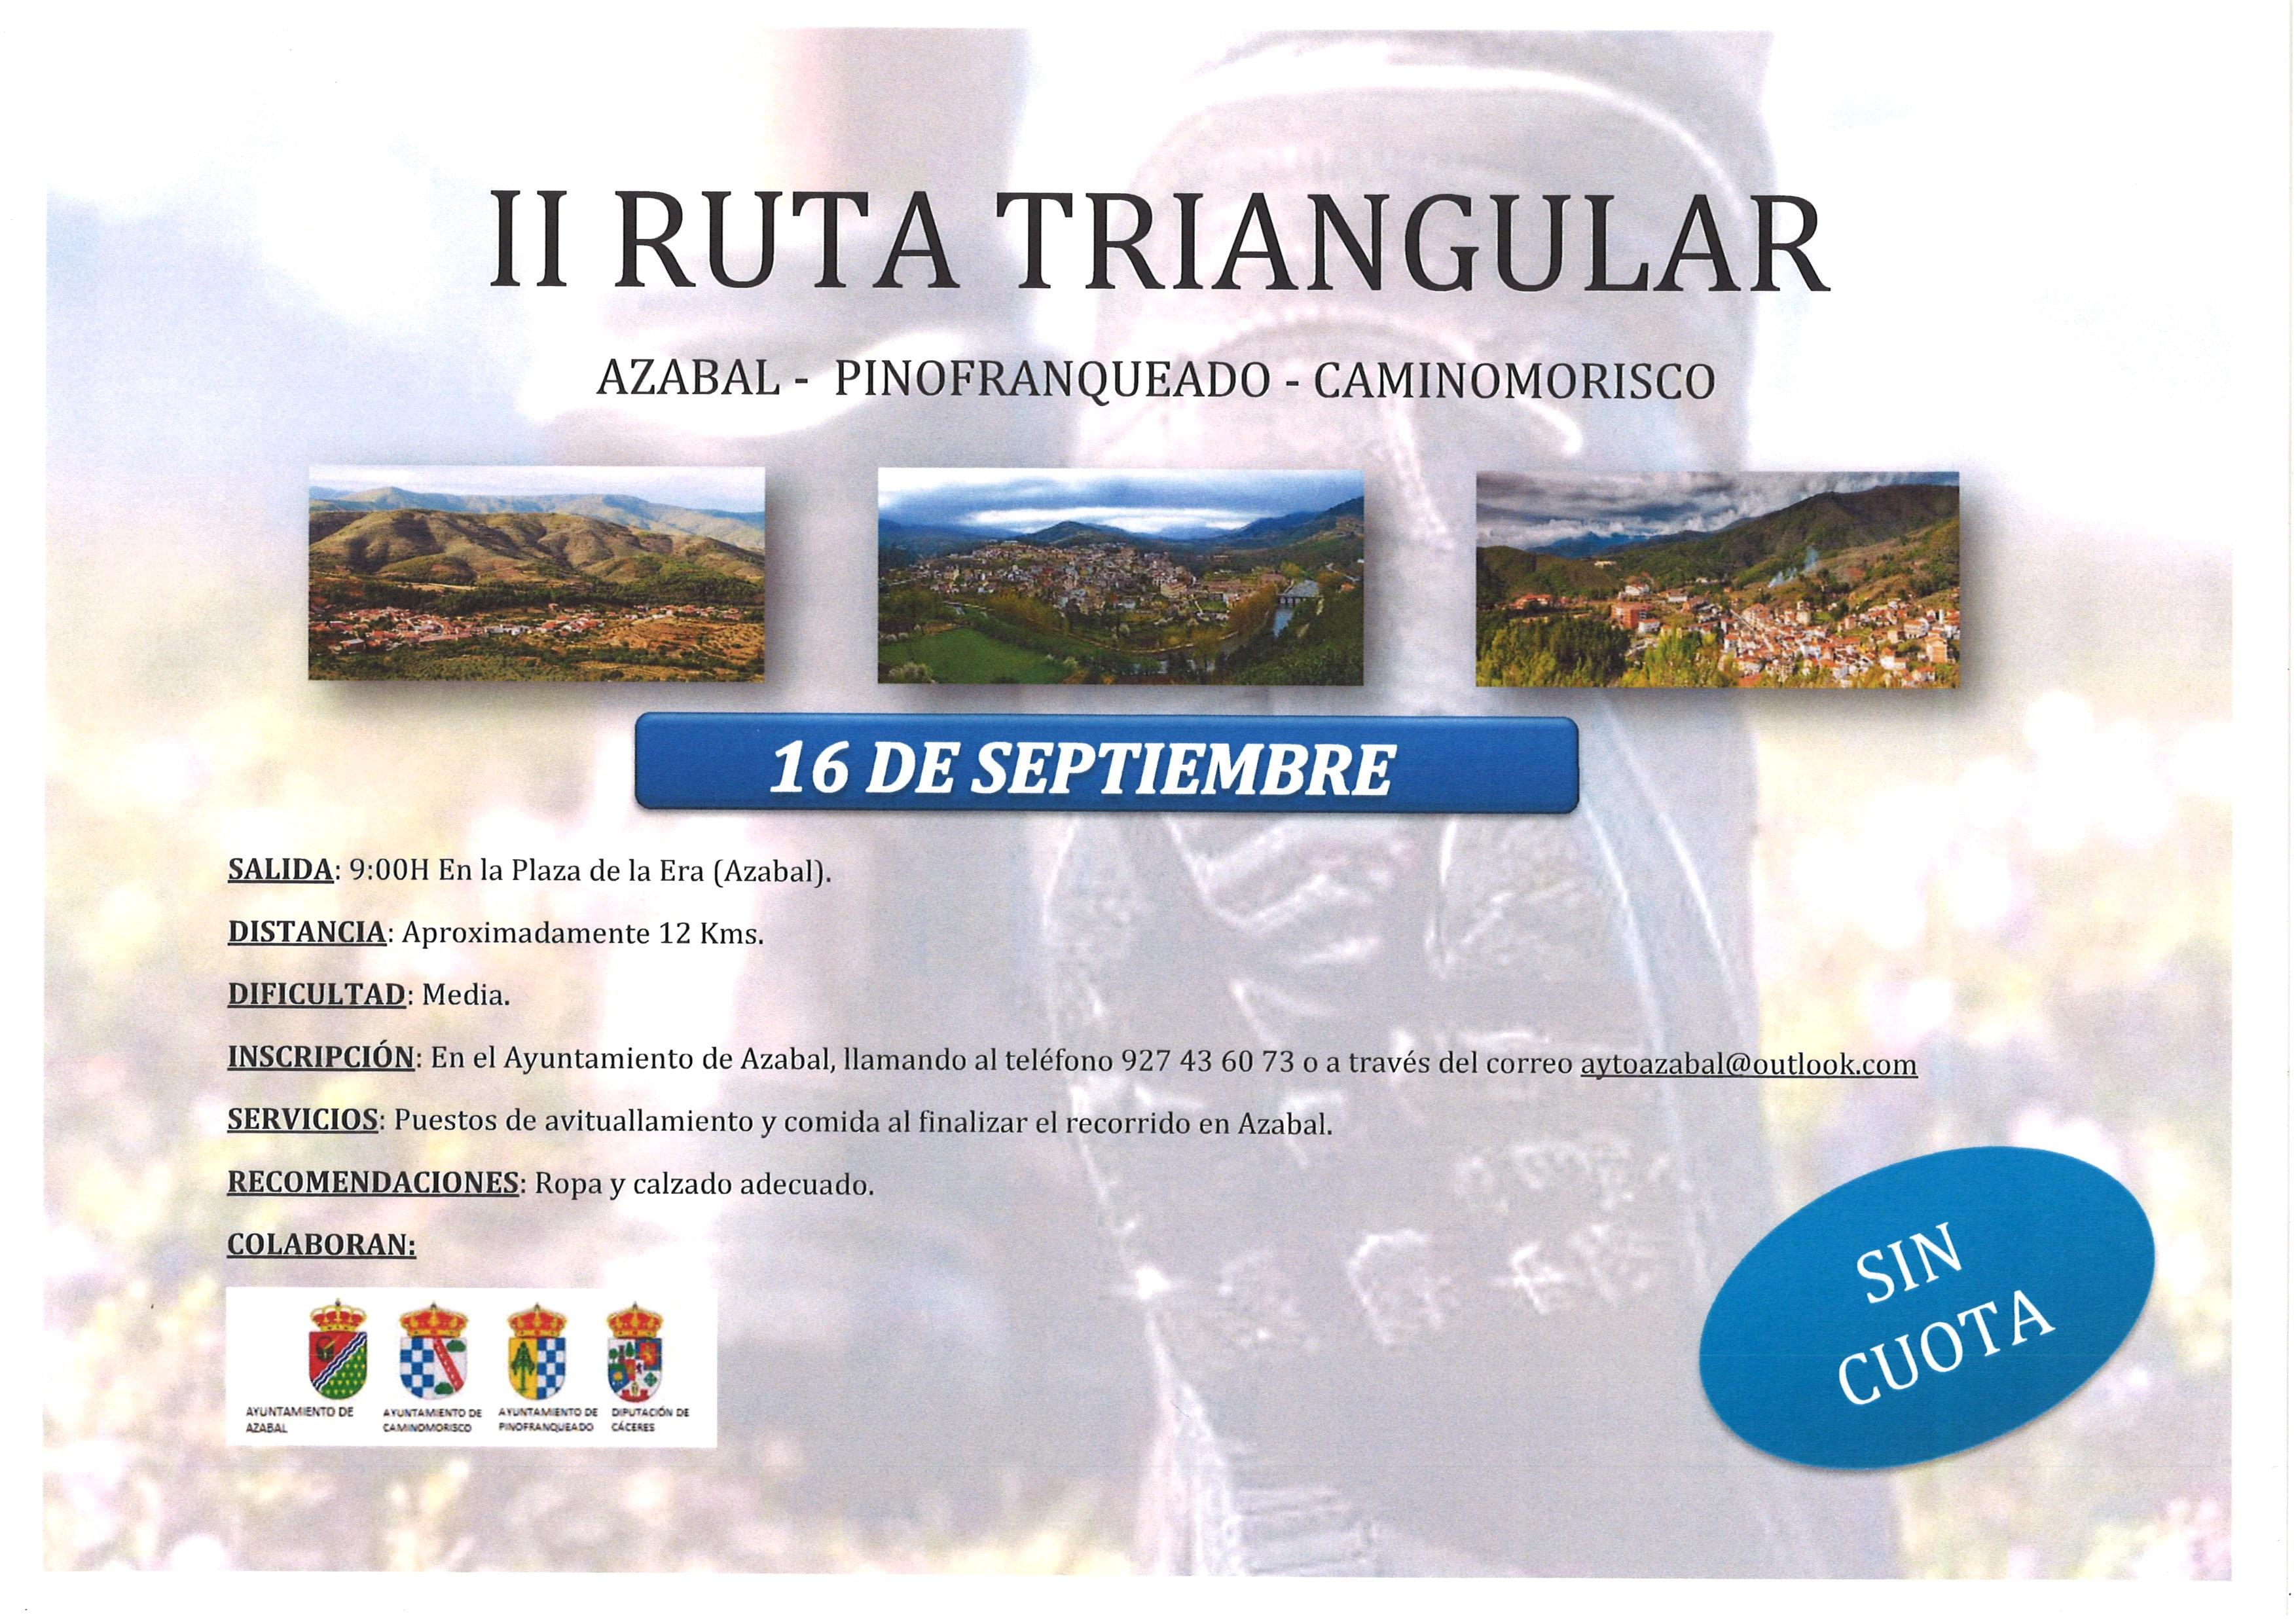 Calendario Escolar 2019 Badajoz Más Arriba-a-fecha Pinofranqueado Informa Servicio De Unicaci³n Va Web Of Calendario Escolar 2019 Badajoz Recientes Calaméo Gara